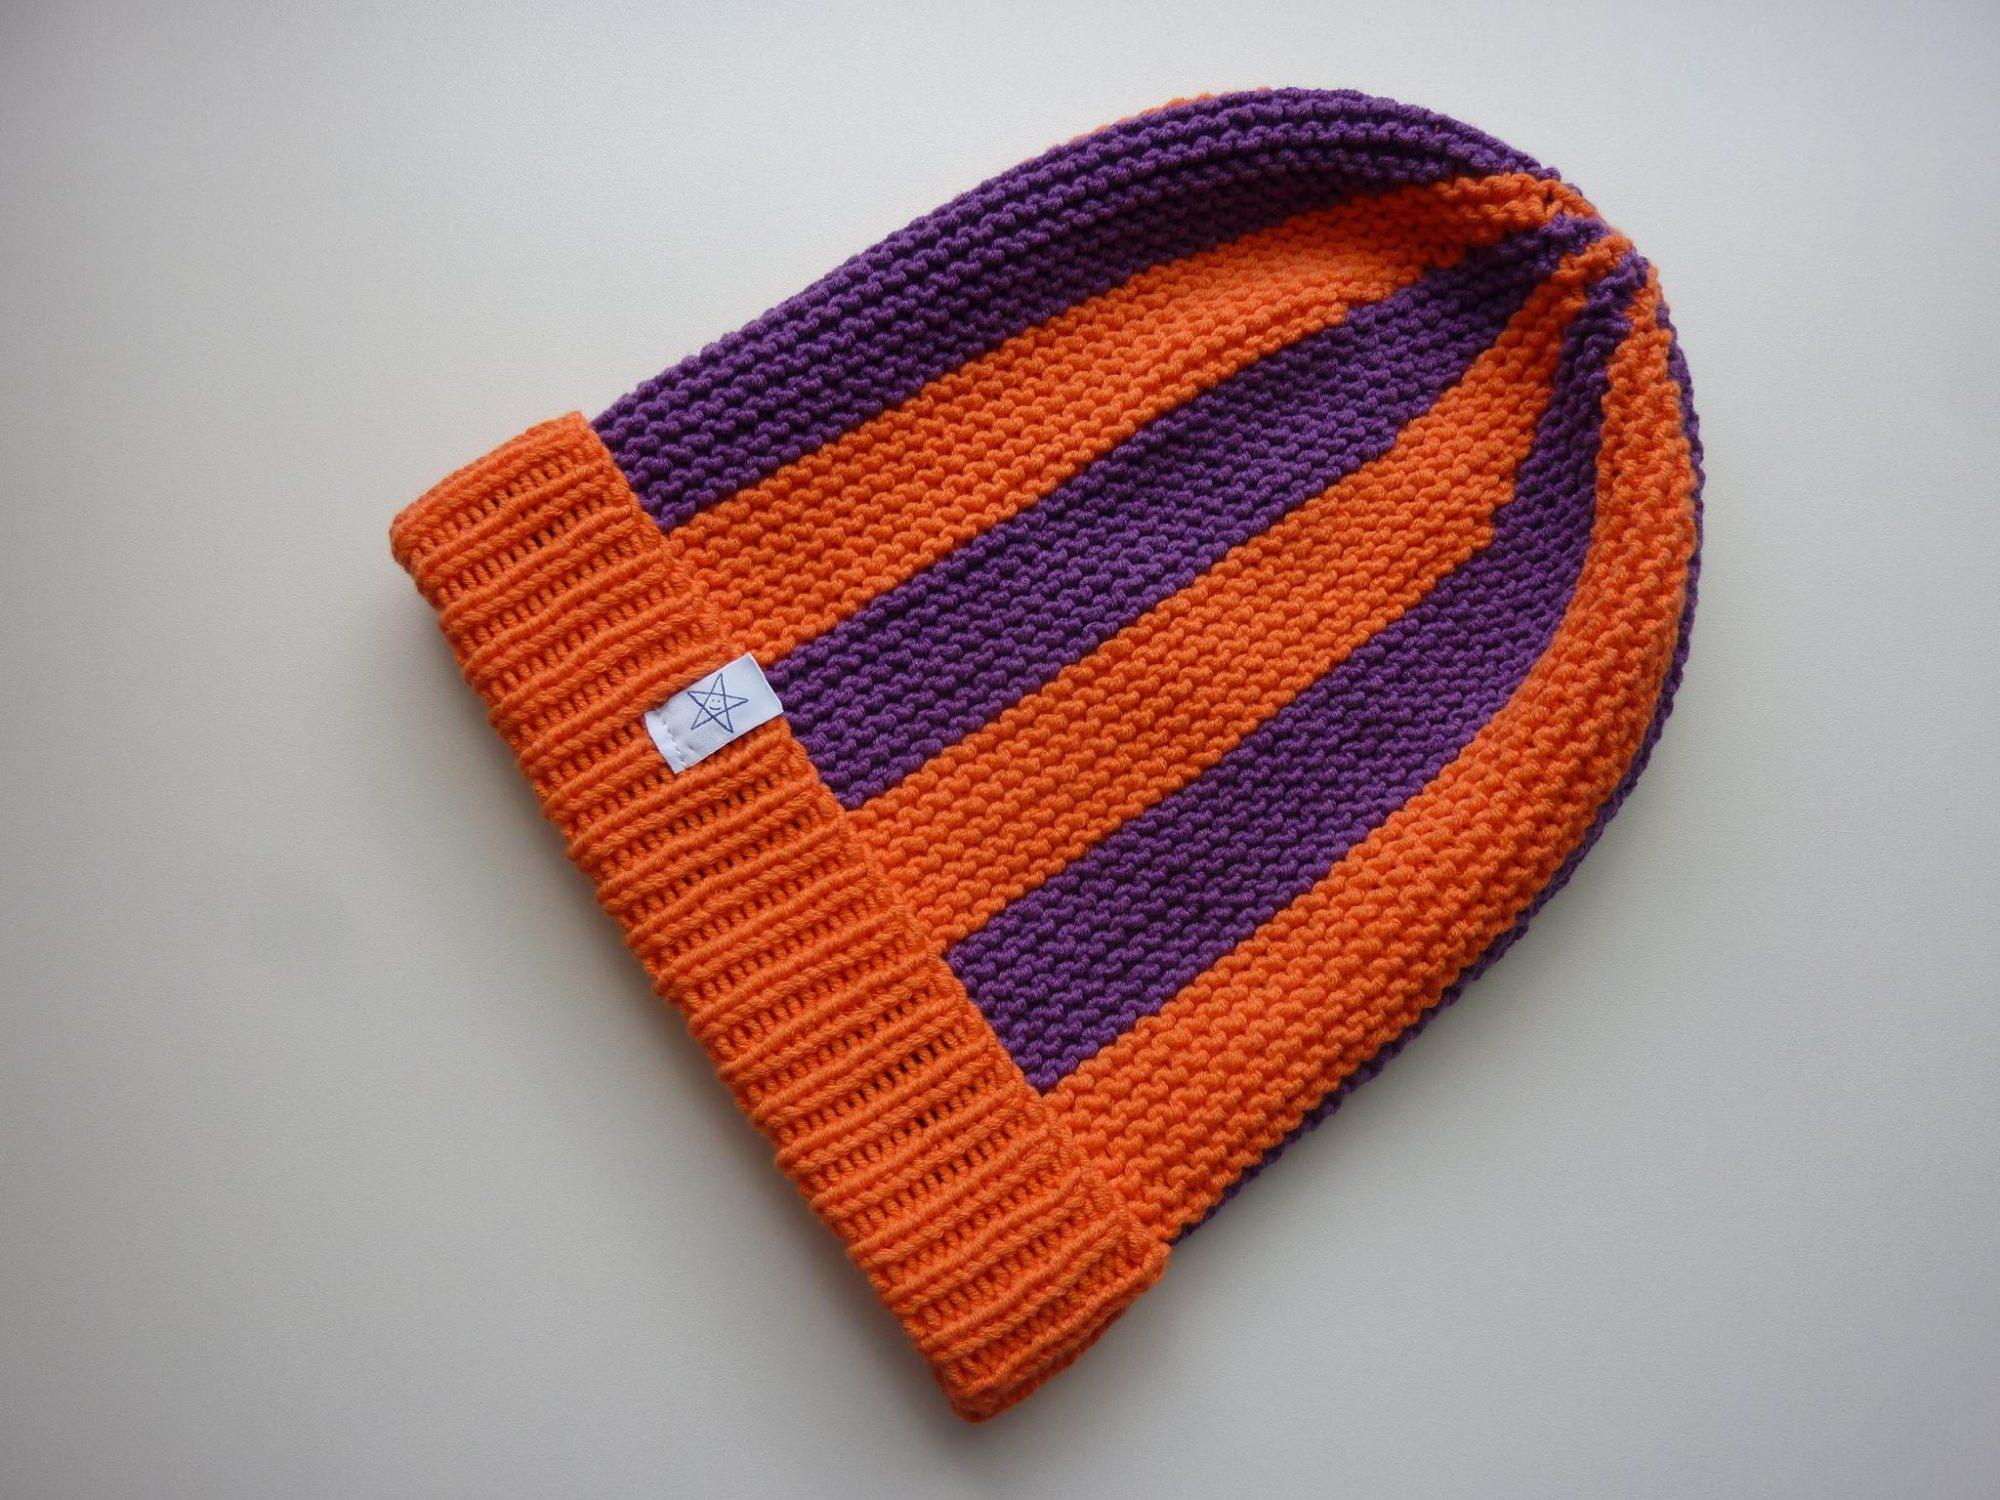 Kleinesbild - Strickmütze Orange und Lila aus Baumwolle handgestrickt